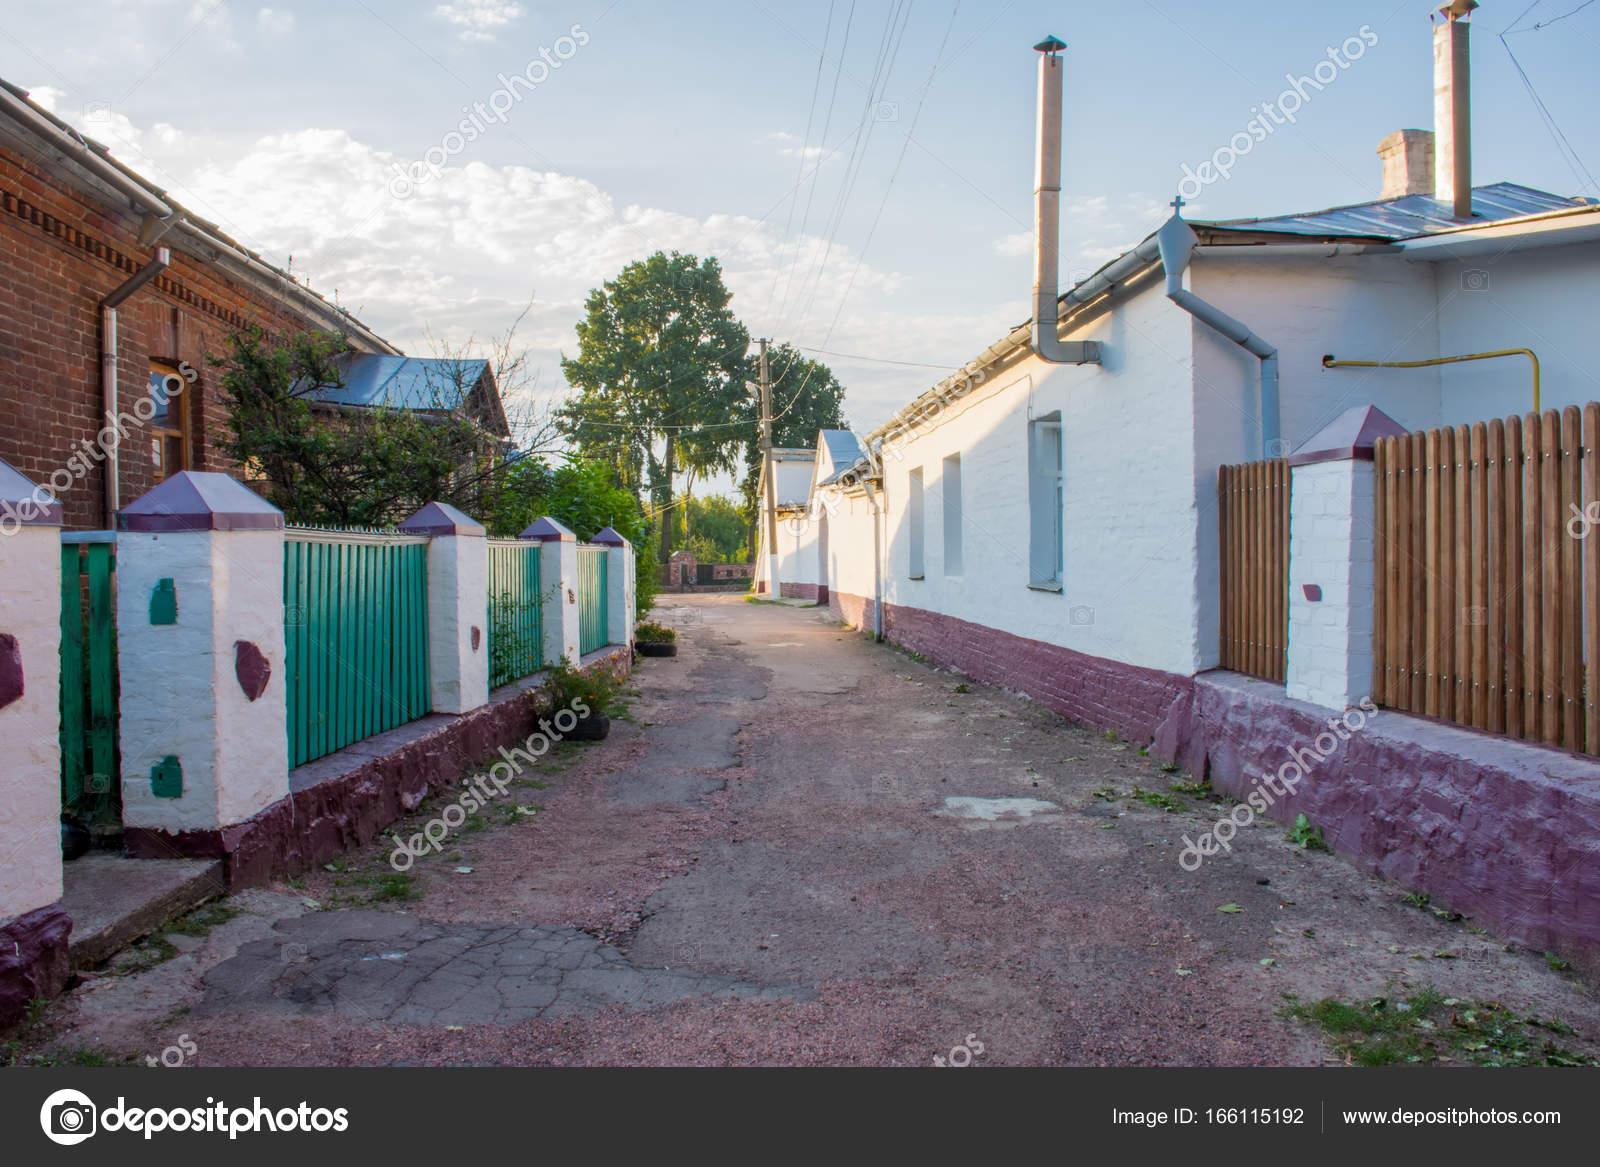 Schmalen Gepflasterten Straßen Mit Grüne Zäune Und Weißen Säulen Und Mauern  In Die Kleine Historische Alte